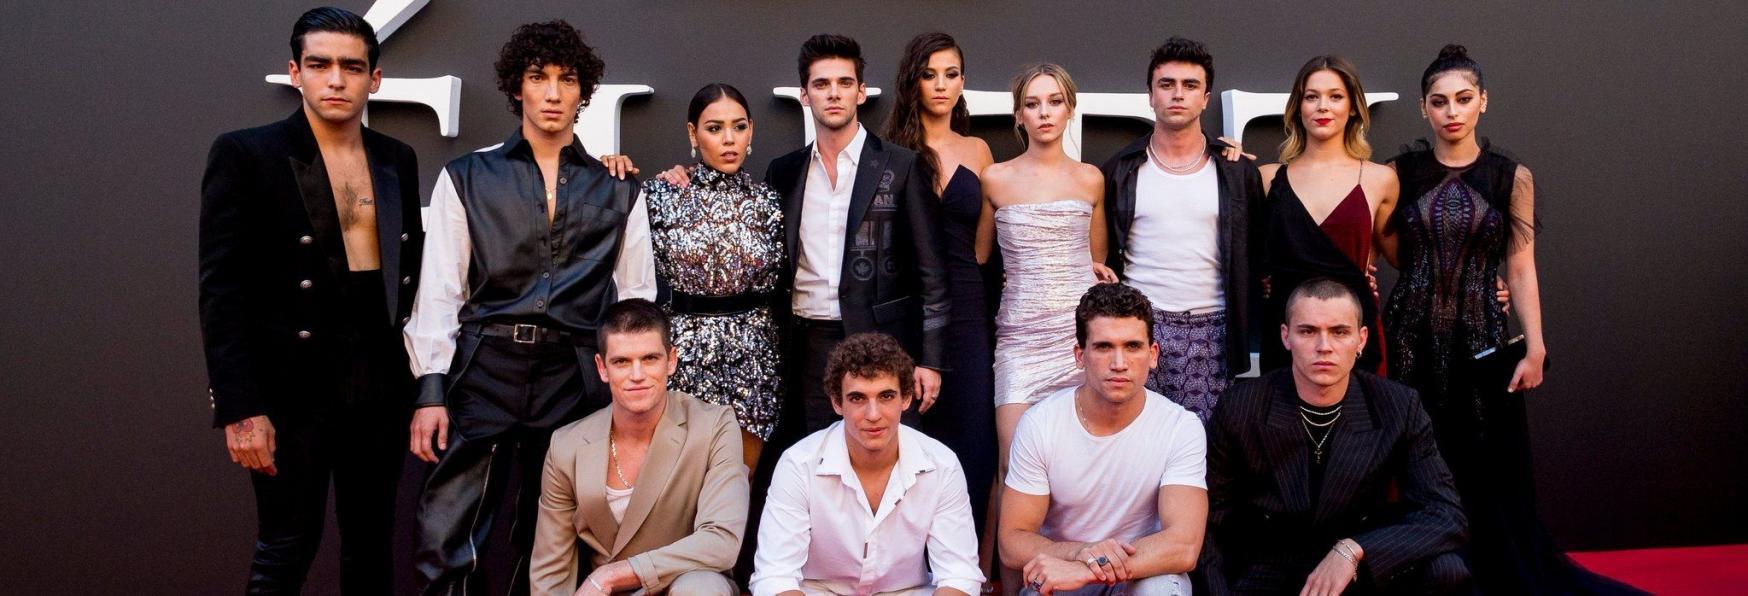 Élite 4: i Cambi di Cast nella prossima Stagione della Serie TV Netflix